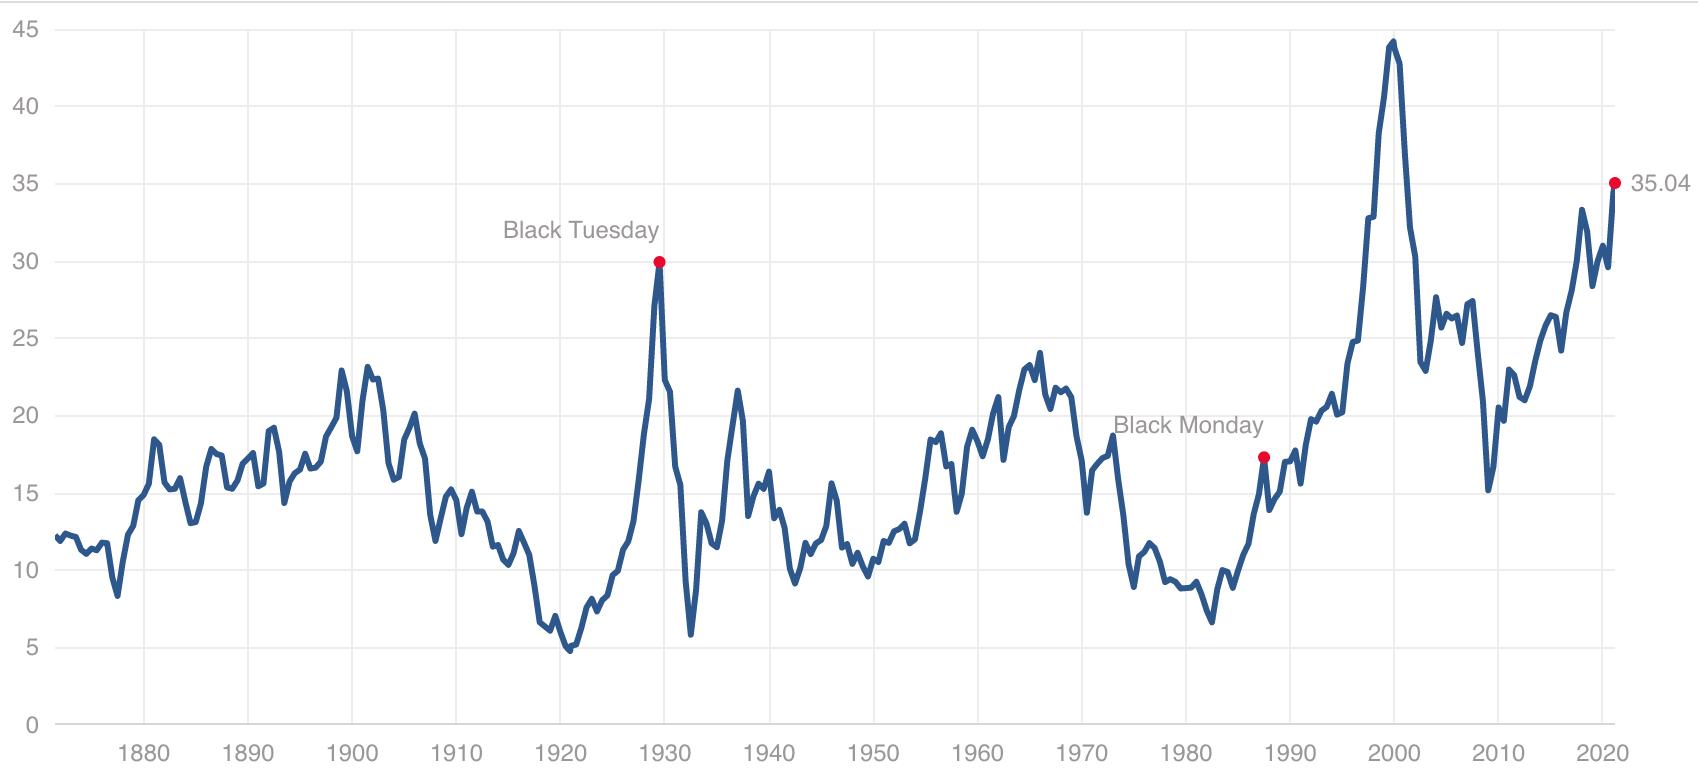 Case-Shiller P/E Ratio for 2021 - financial bubble